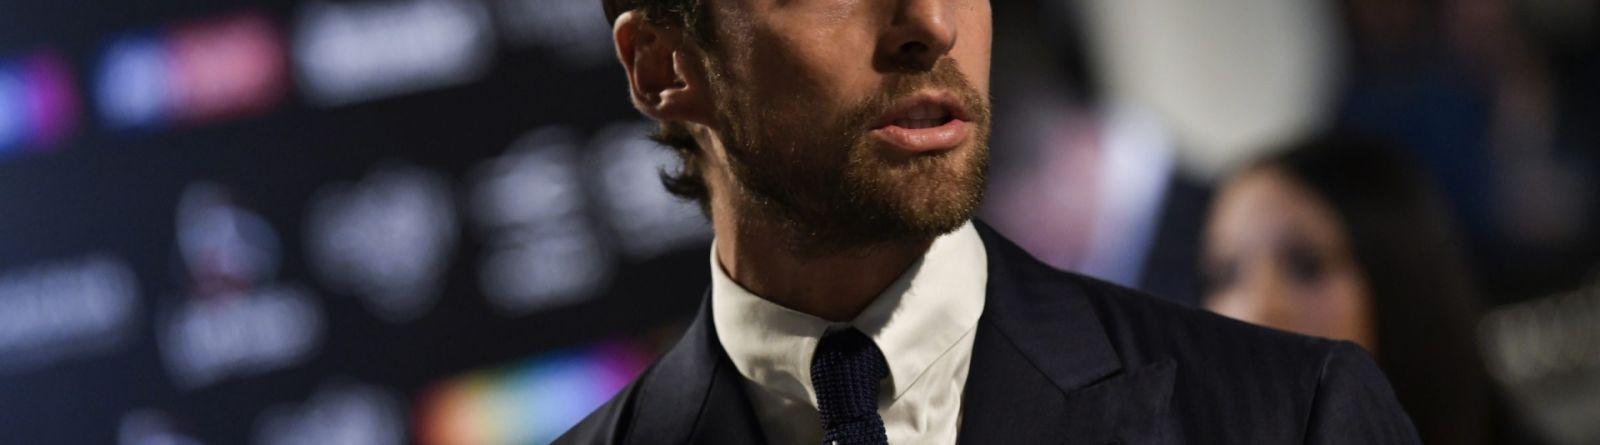 Claudio Marchisio, ex calciatore e imprenditore (credits: fanpage.it)